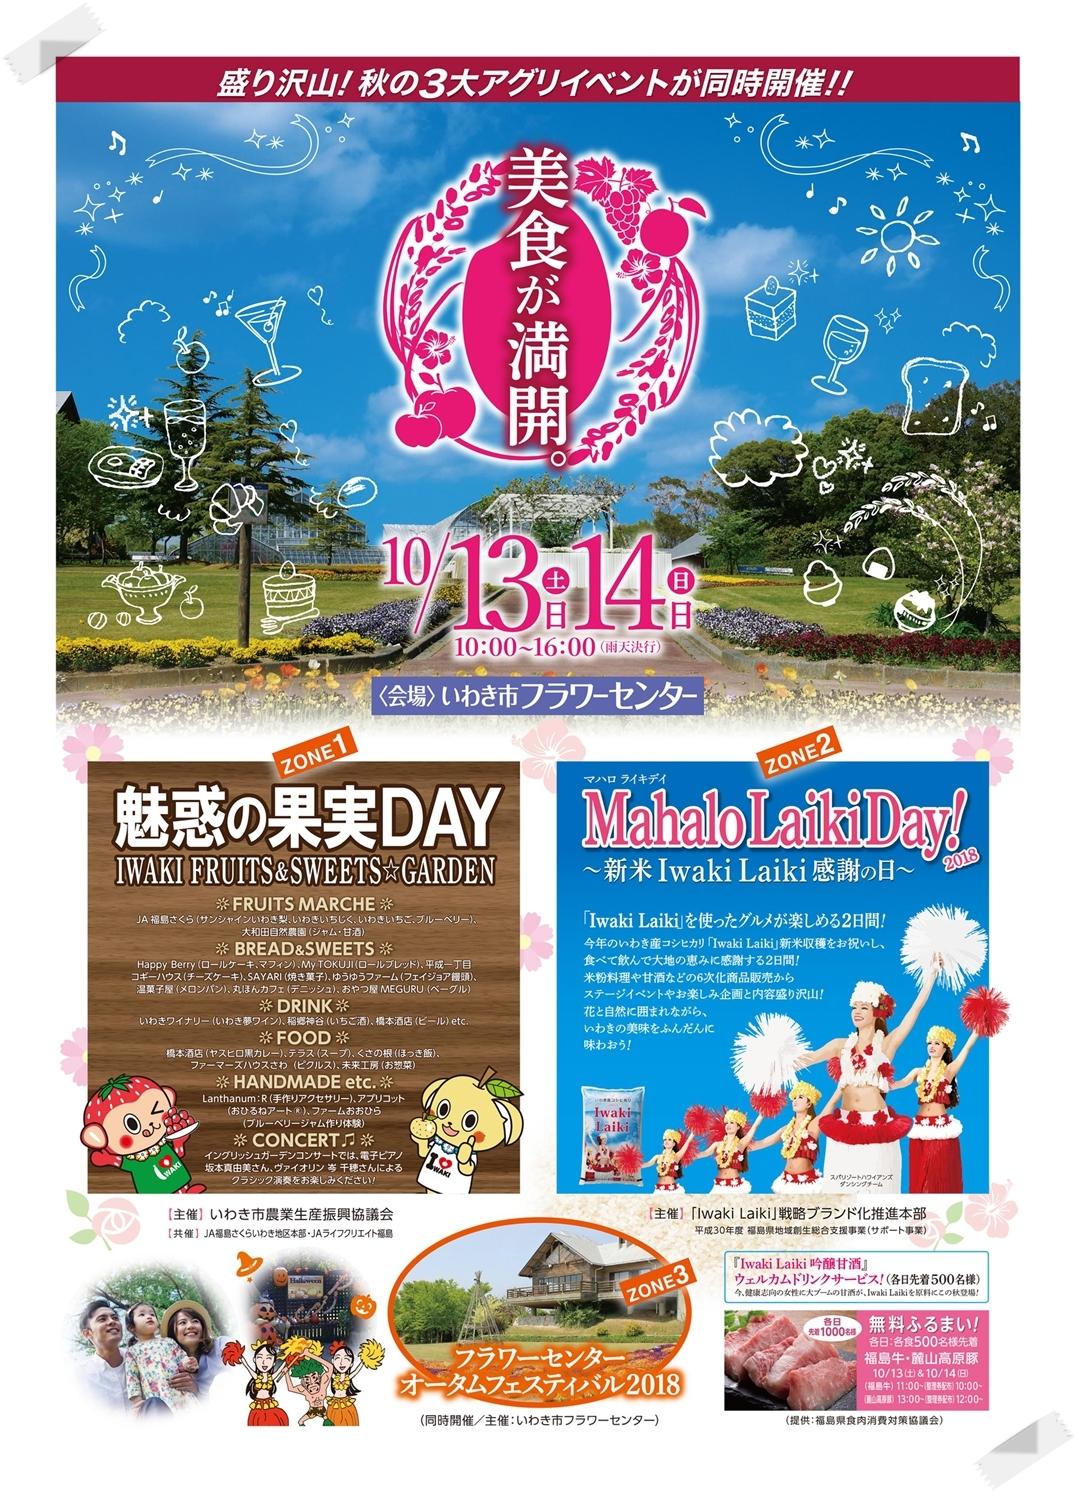 フラワーセンター「オータムフェスティバル2018」13日(土)・14日(日)開催! [平成30年10月9日(火)更新]2